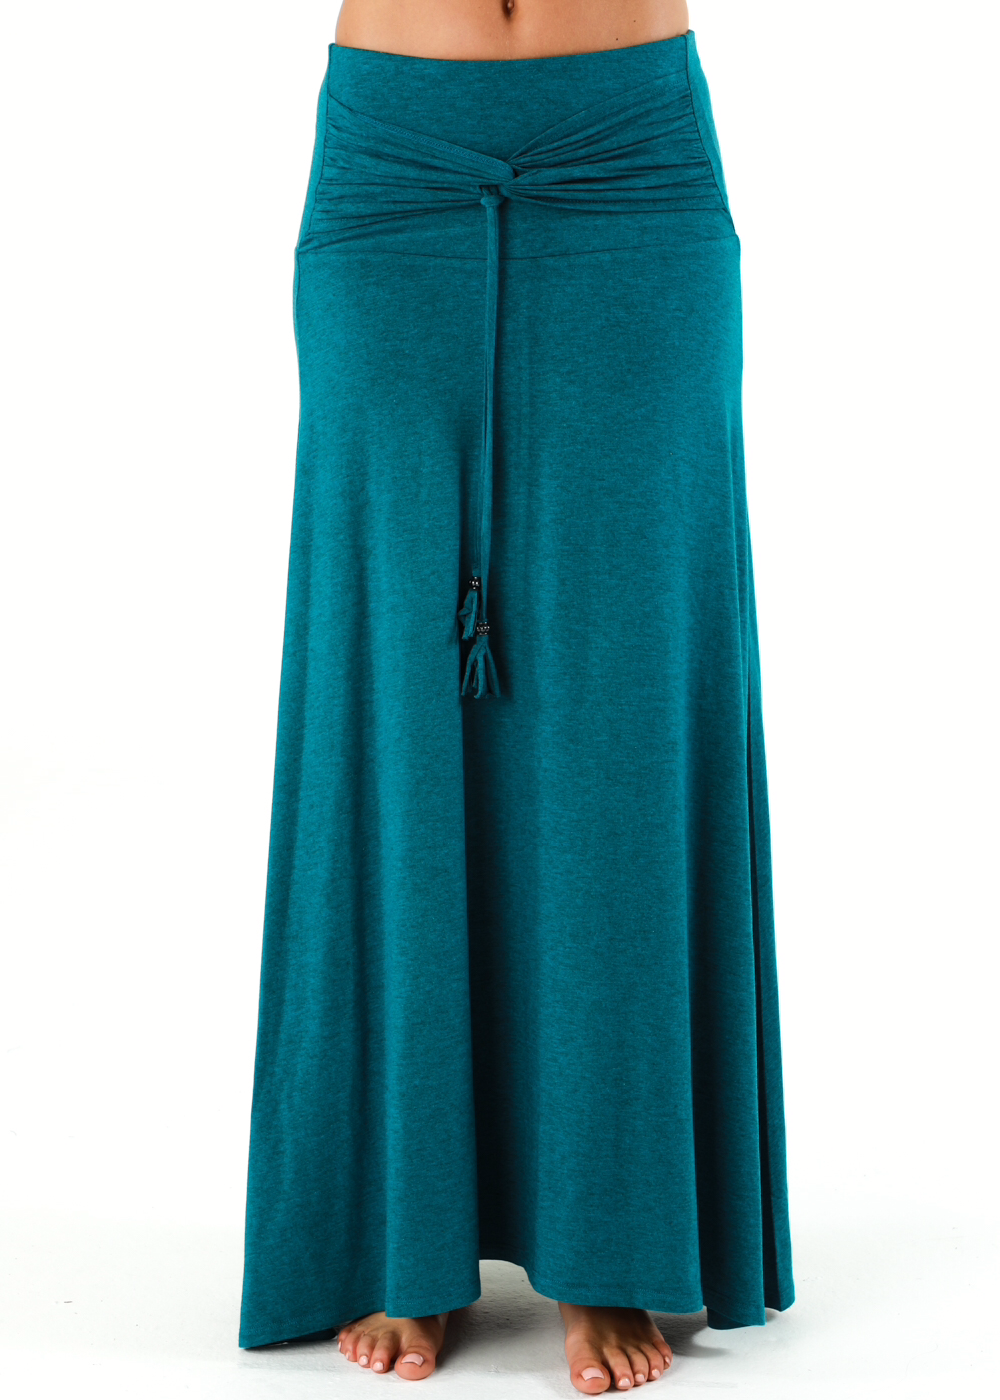 Nomads Hempwear Santorini Skirt